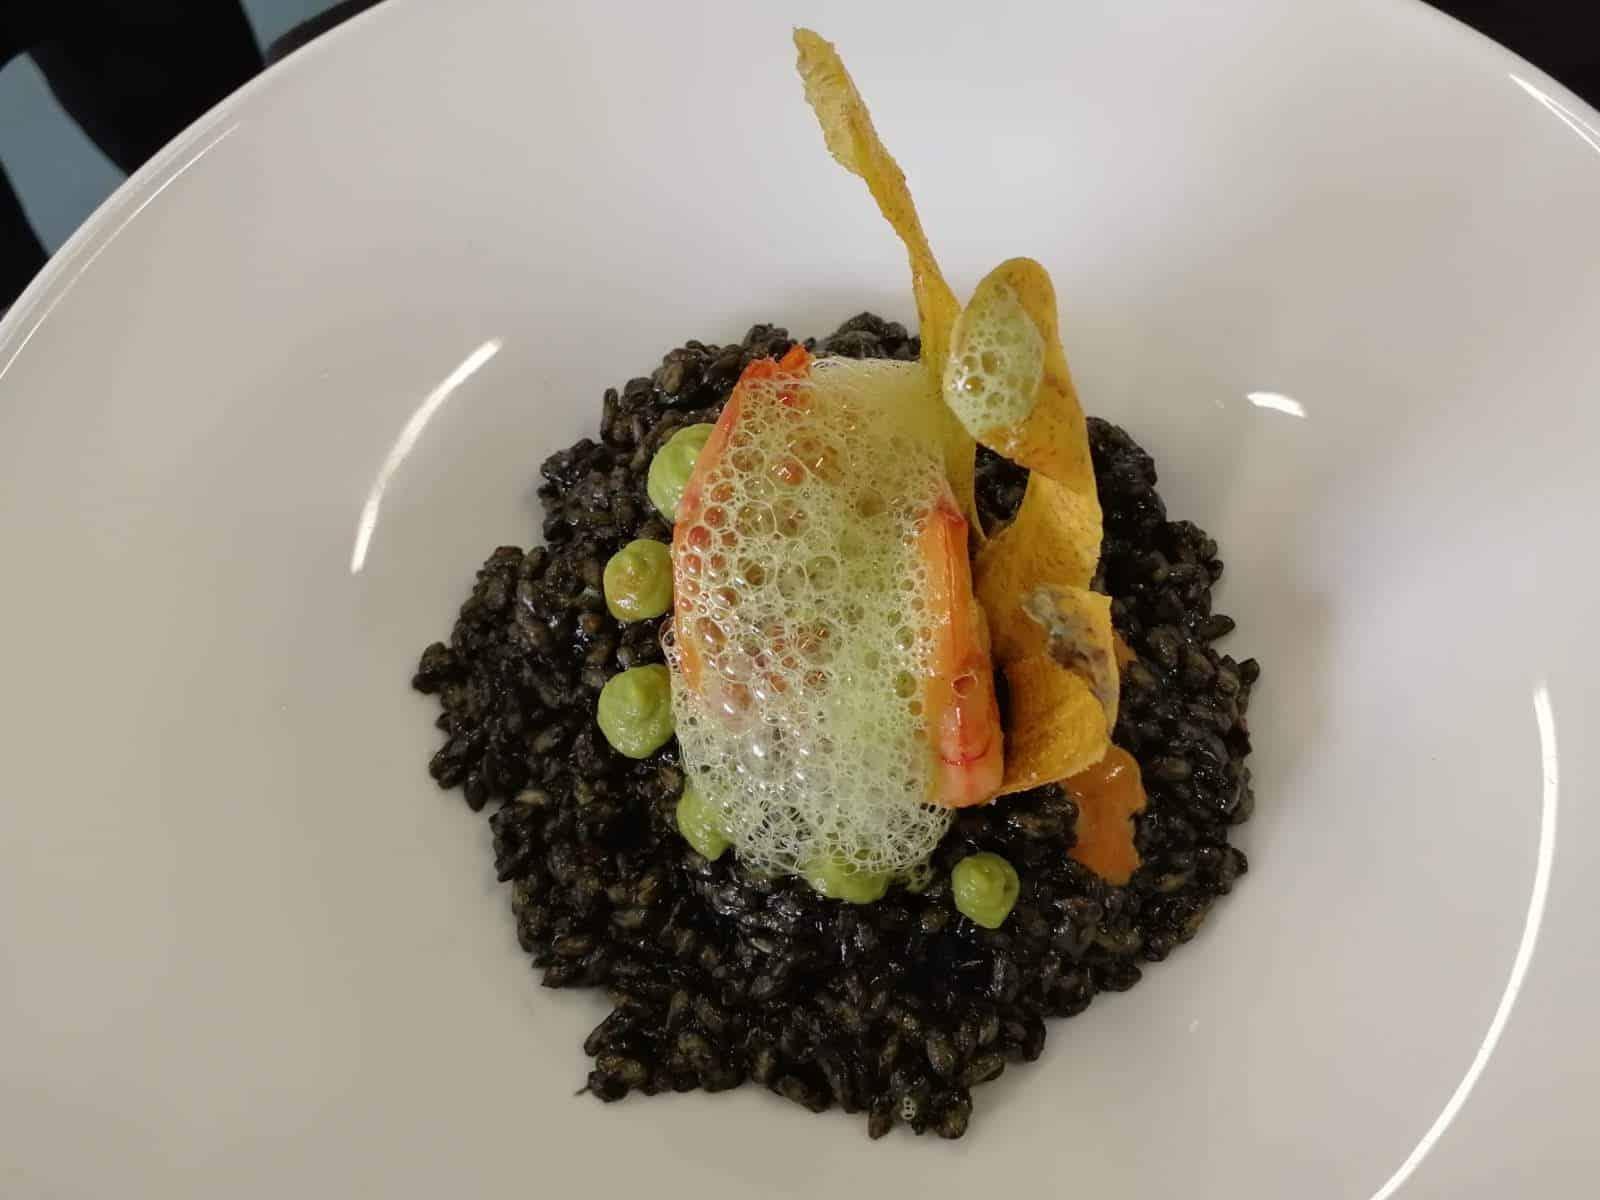 escuela-cocina-villa-retiro-cursos-chef-marianzo-gonzalvo-xerta.restaurant